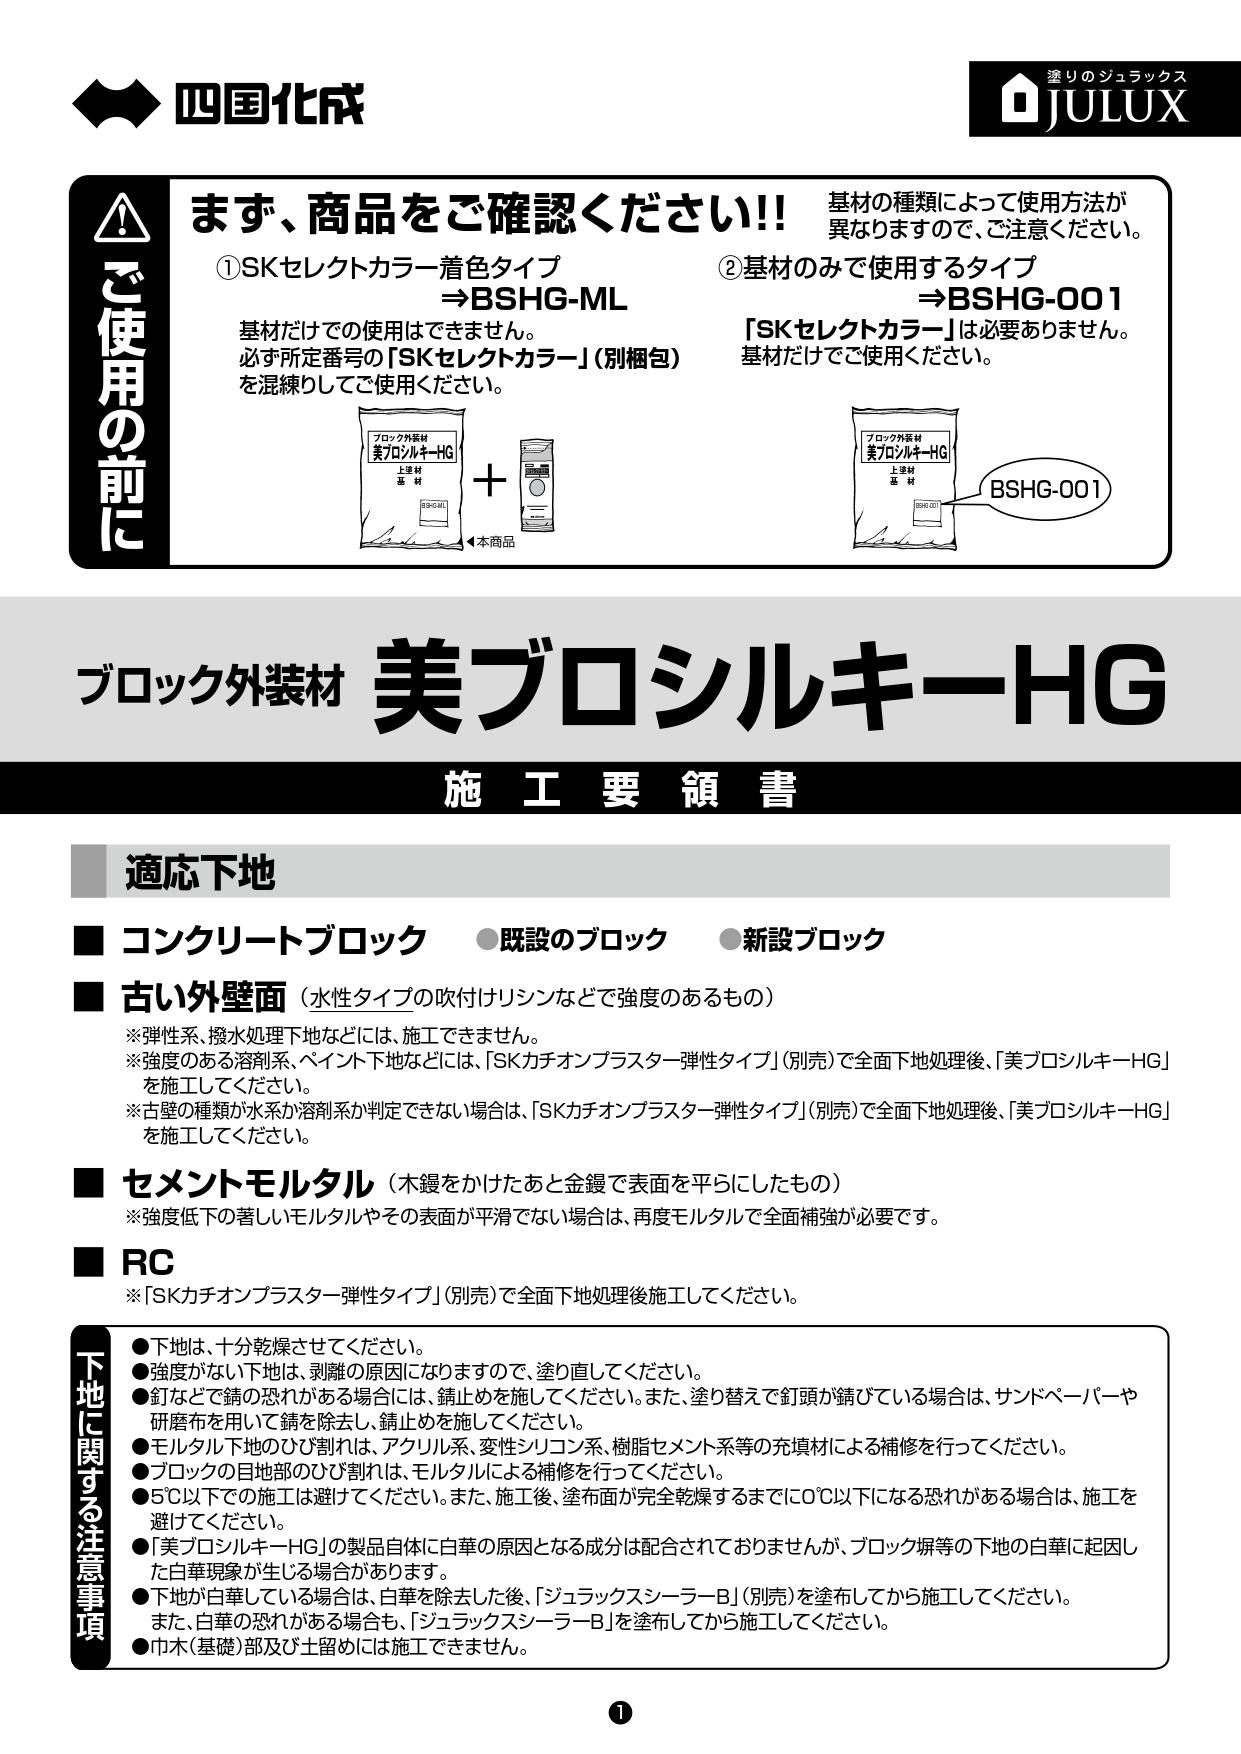 美ブロシルキーHG 施工説明書_page-0001